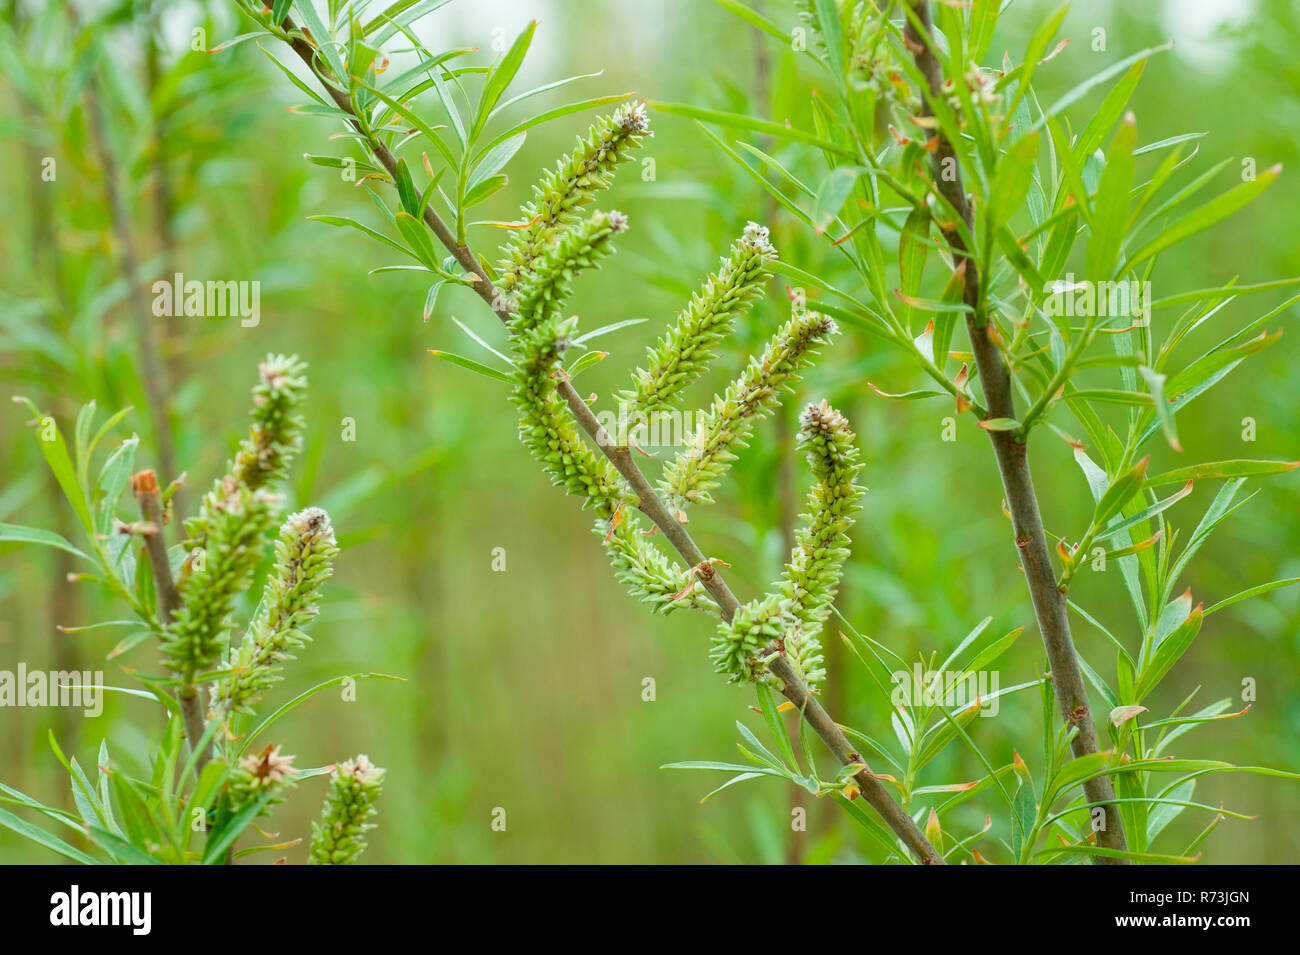 Weiblicher Blütenstand, Weiden (Salix spec.), Niederwaldwirtschaft, Schwedt, Brandenburg, Deutschland Stockbild